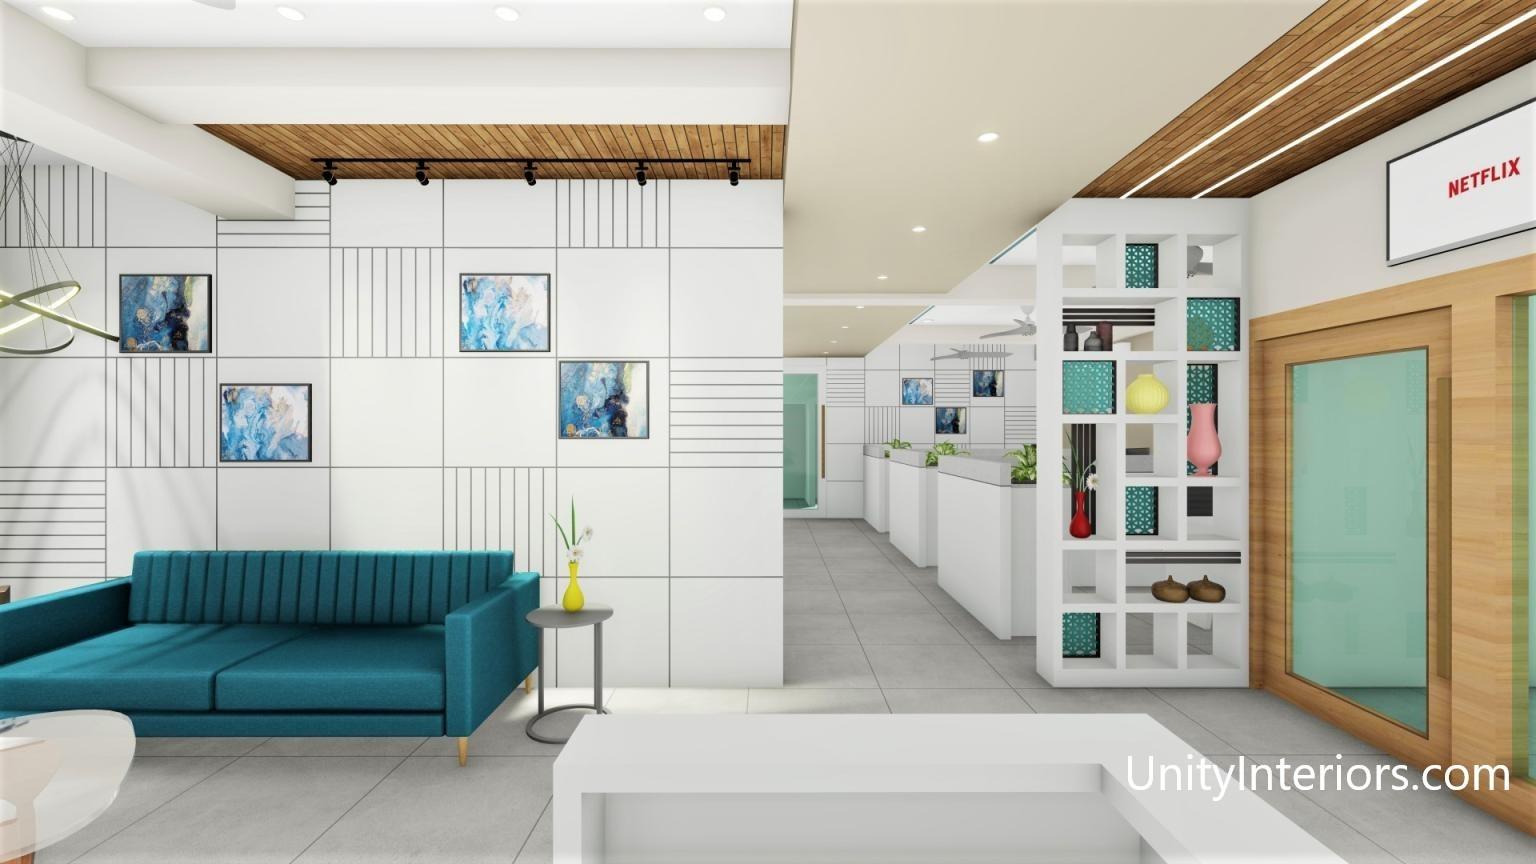 Unity Interiors - Interior Designer ahmedabad - Office Interior Designing